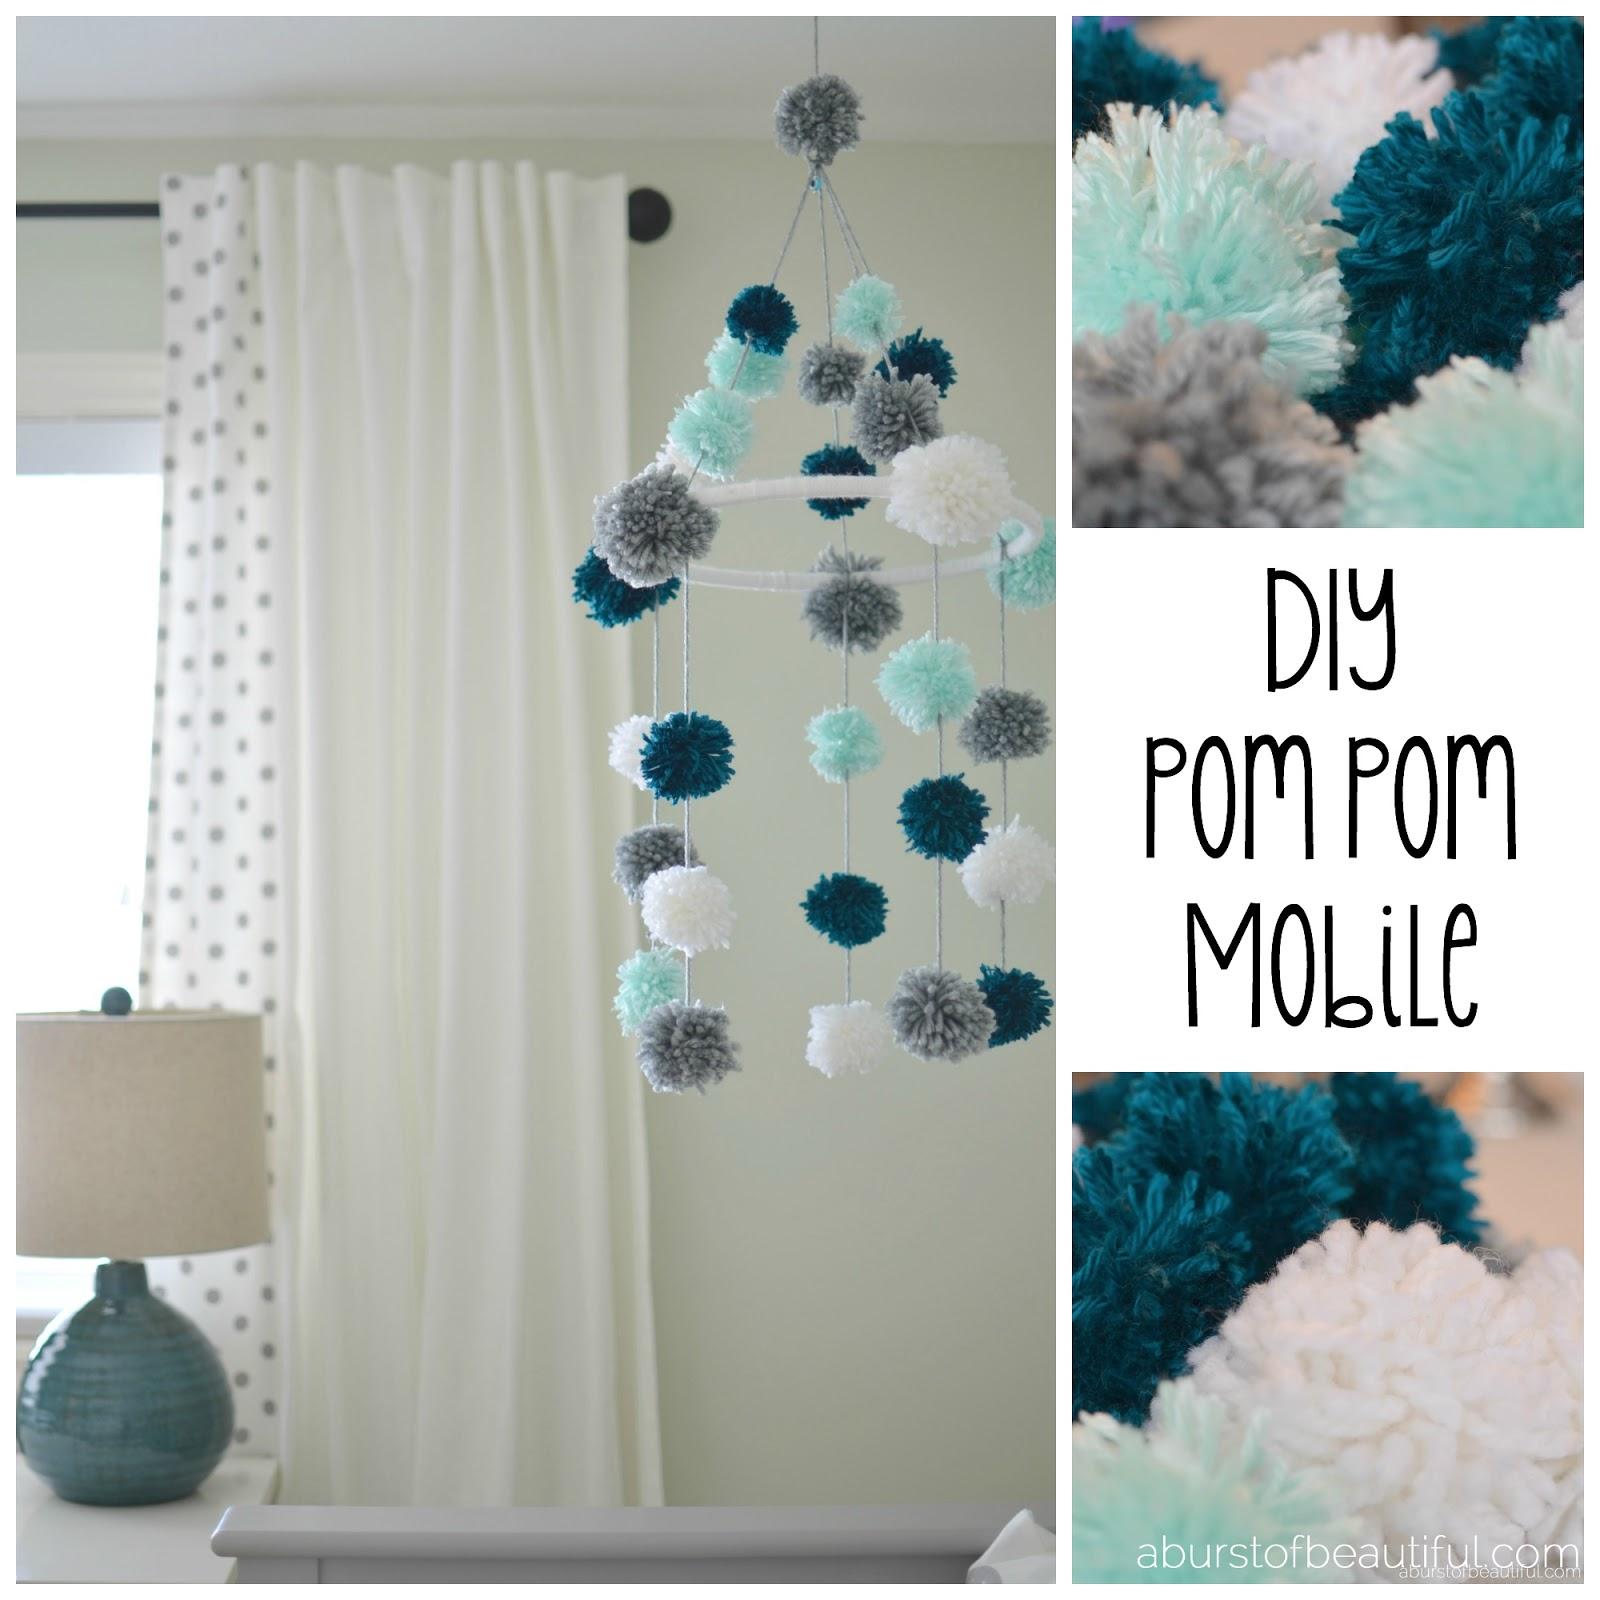 diy pom pom mobile a burst of beautiful. Black Bedroom Furniture Sets. Home Design Ideas